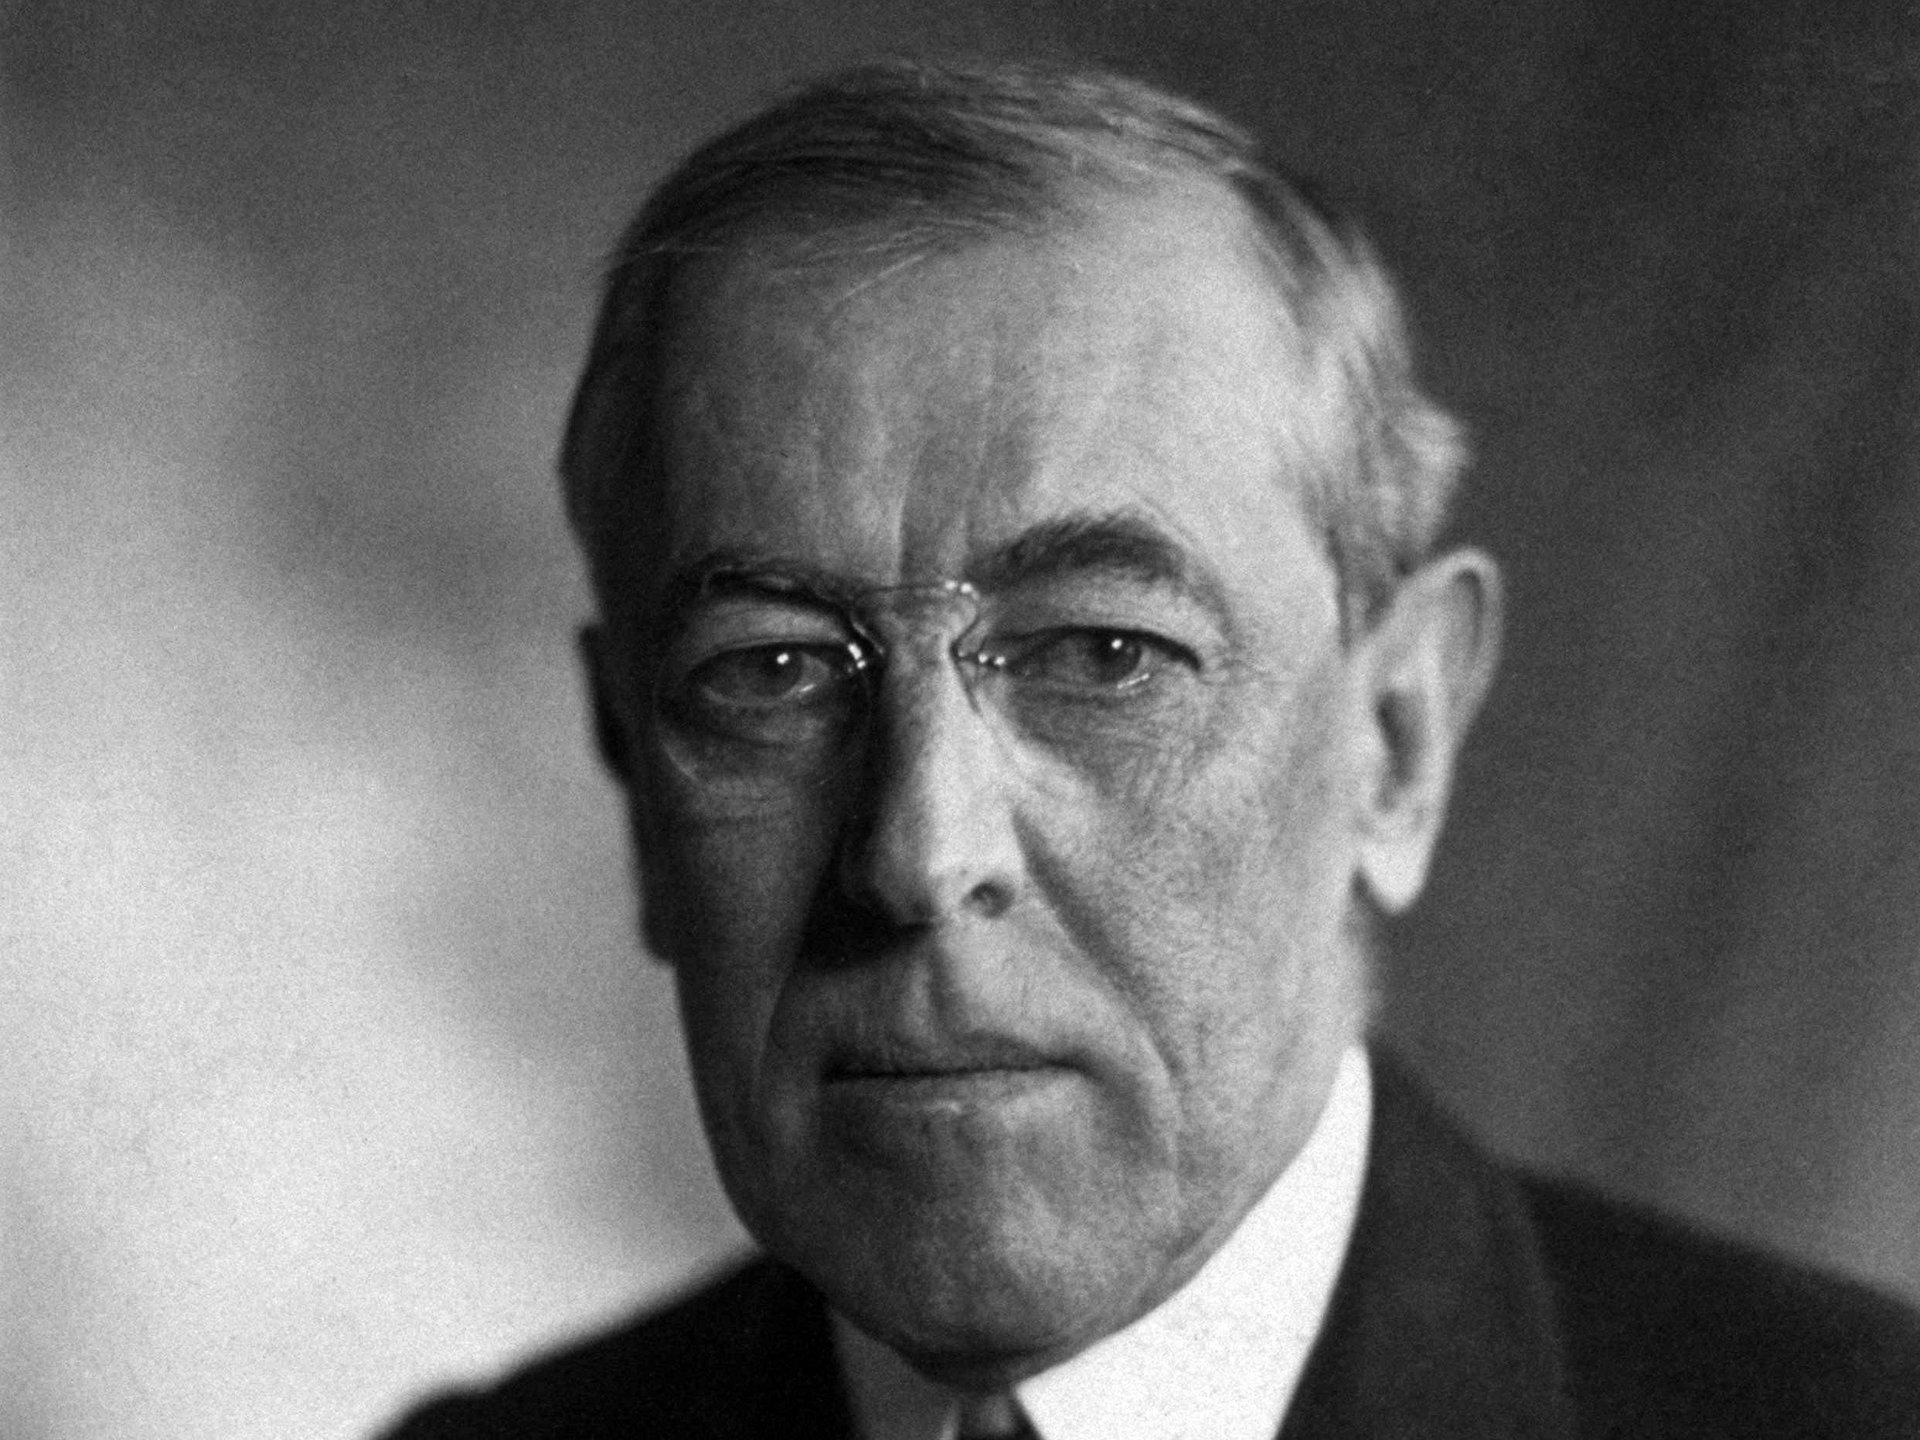 Le président américain Woodrow Wilson en 1919.